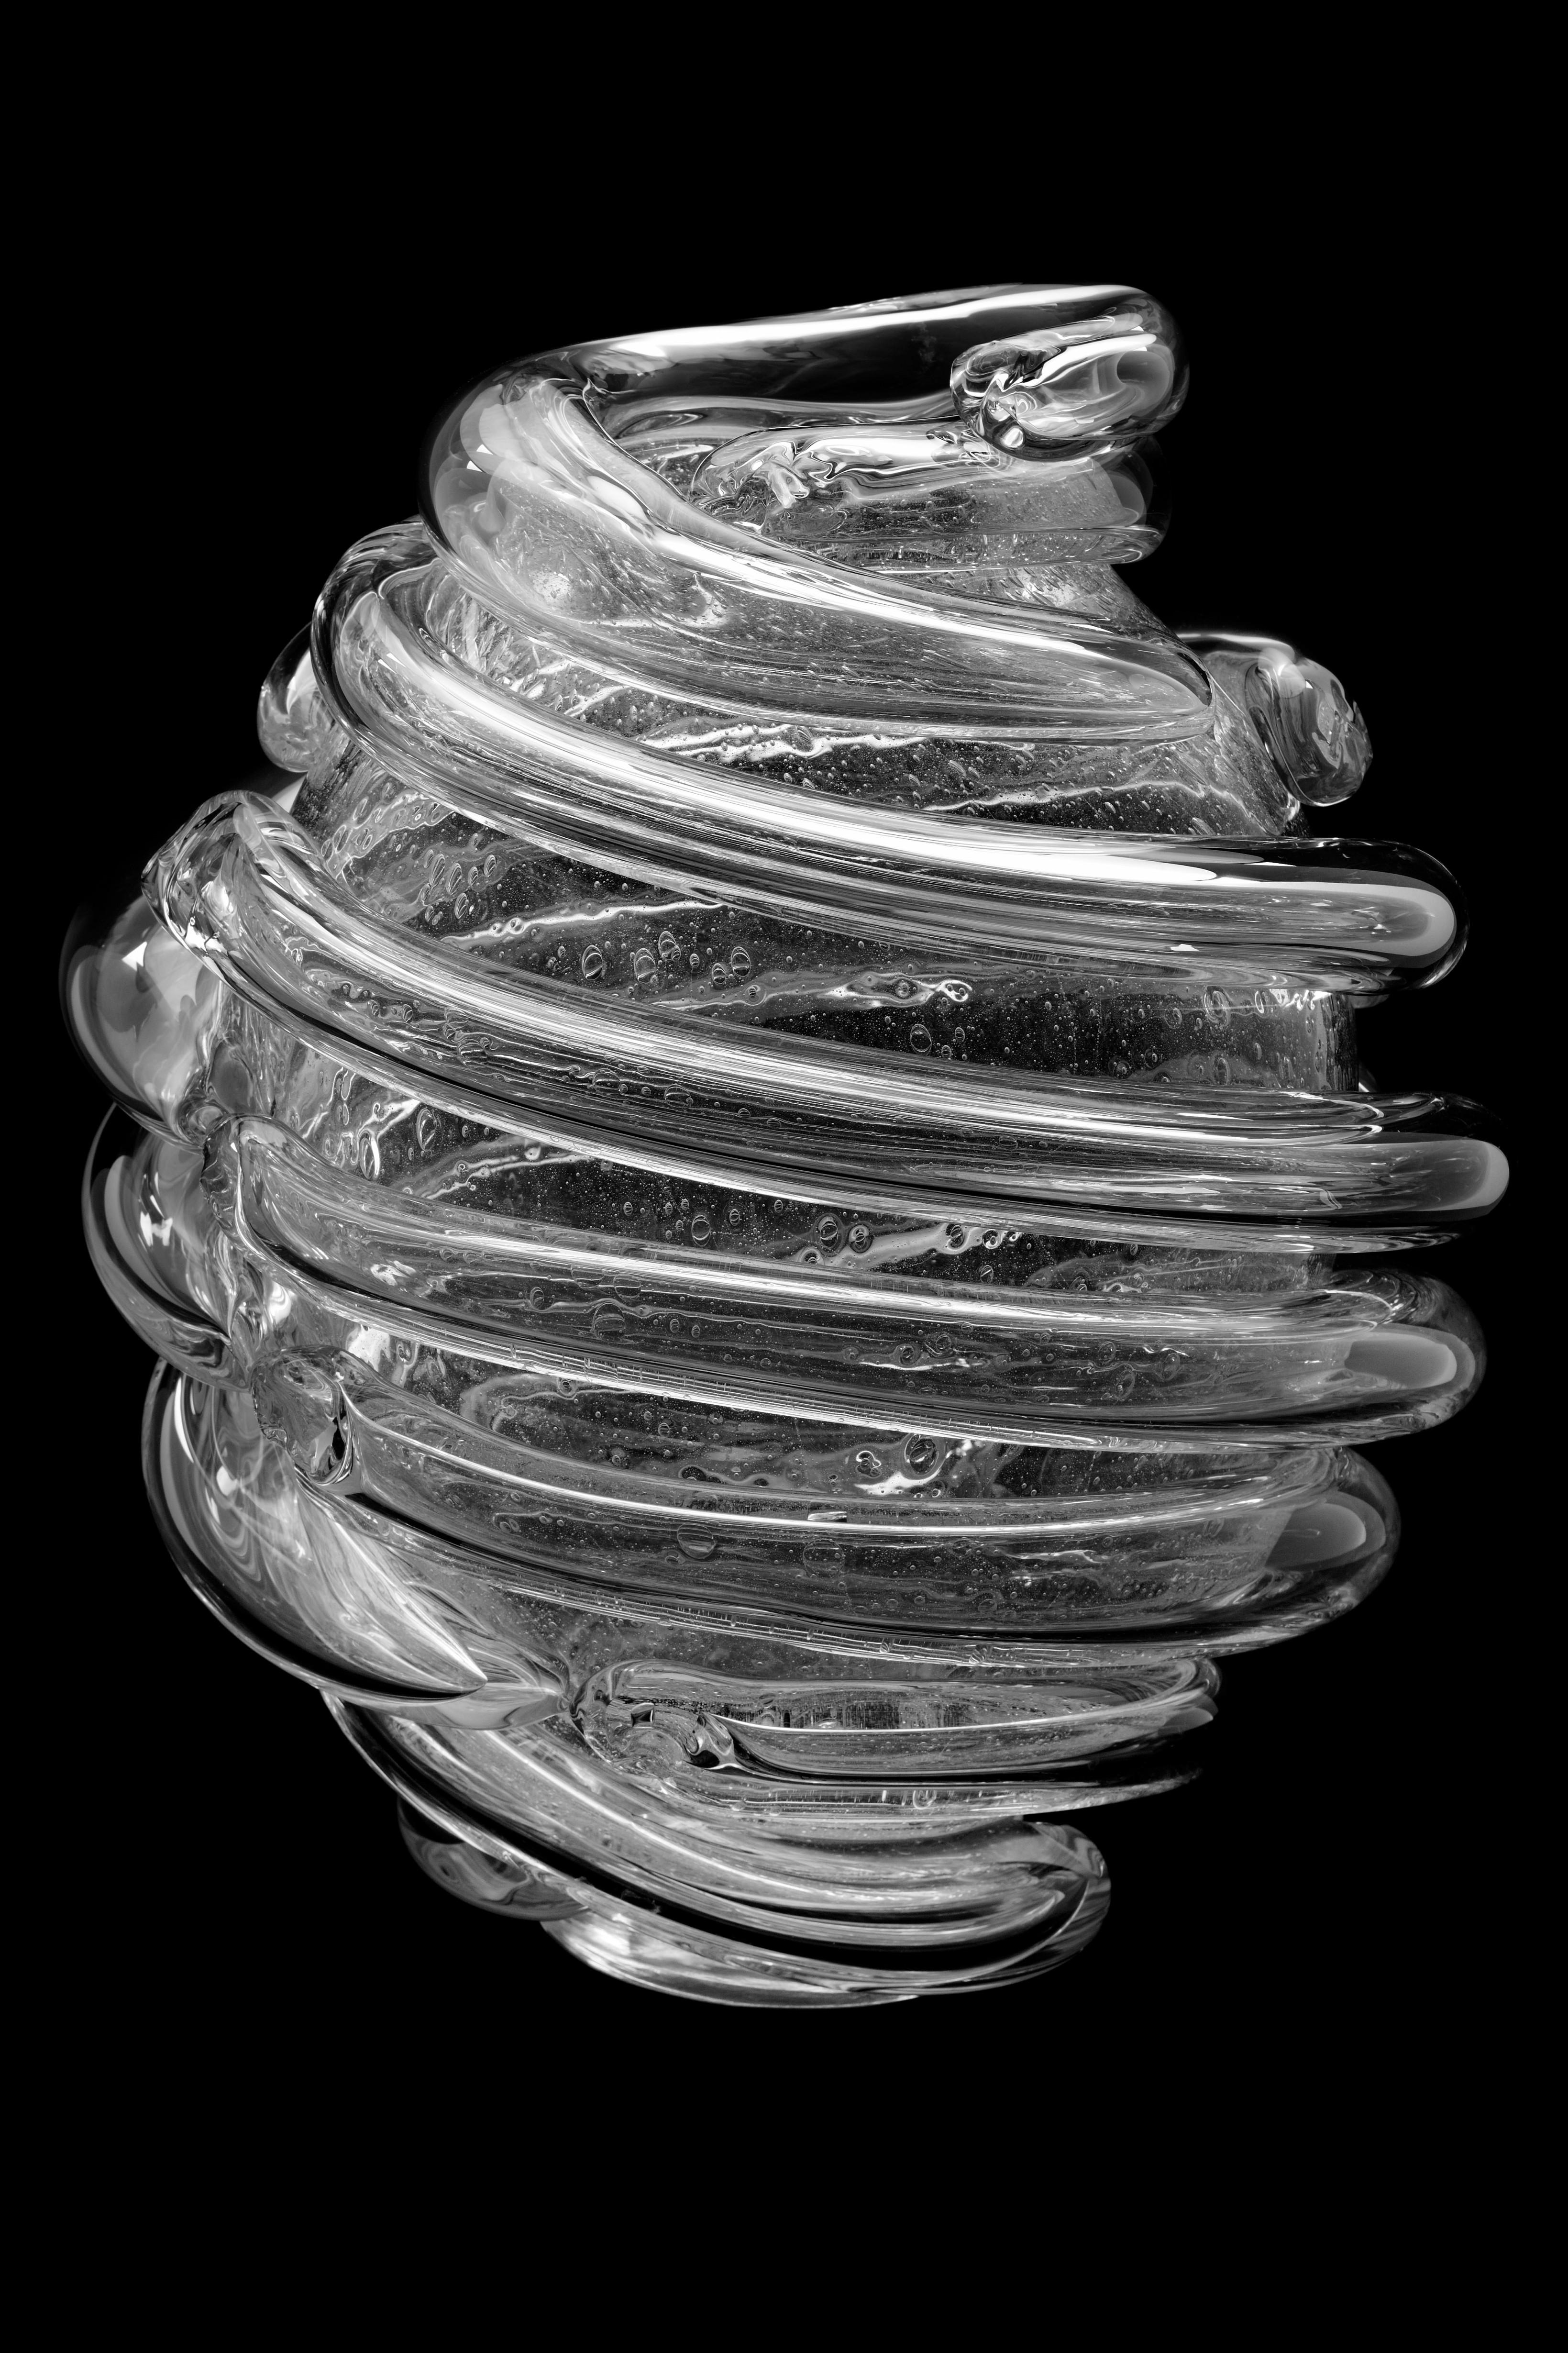 Art Basel Hong Kong 2019 Wonderful Contemporary Art at ShugoArts - Ritsue Mishima - Titano art basel hong kong 2019 Art Basel Hong Kong 2019: Wonderful Contemporary Art at ShugoArts Art Basel Hong Kong 2019 Wonderful Contemporary Art at ShugoArts Ritsue Mishima Titano